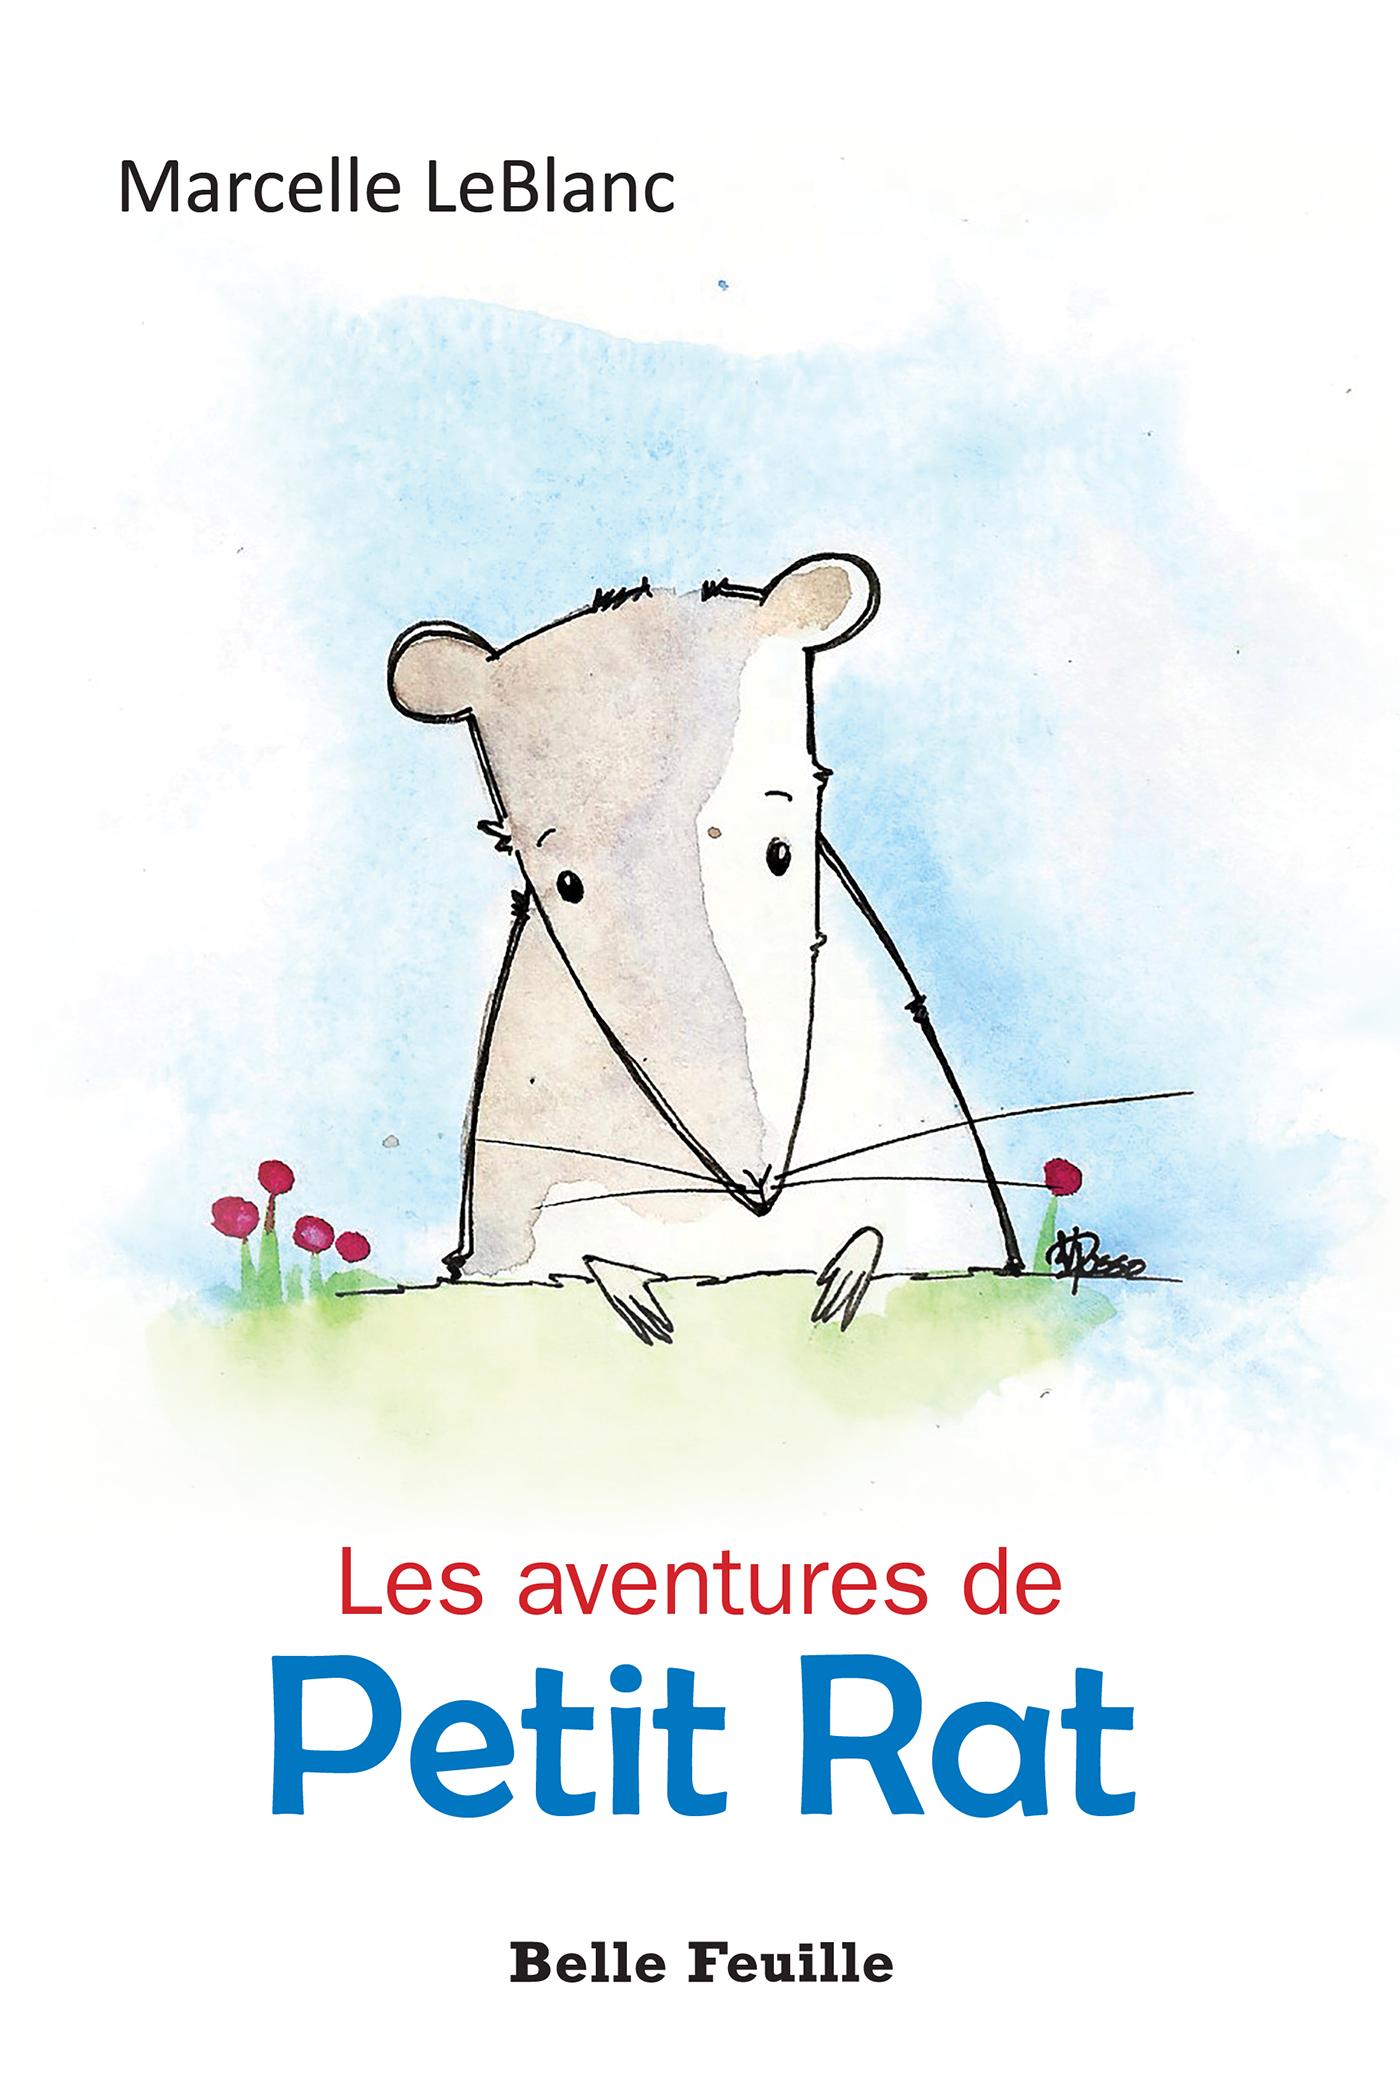 Les aventures de Petit Rat